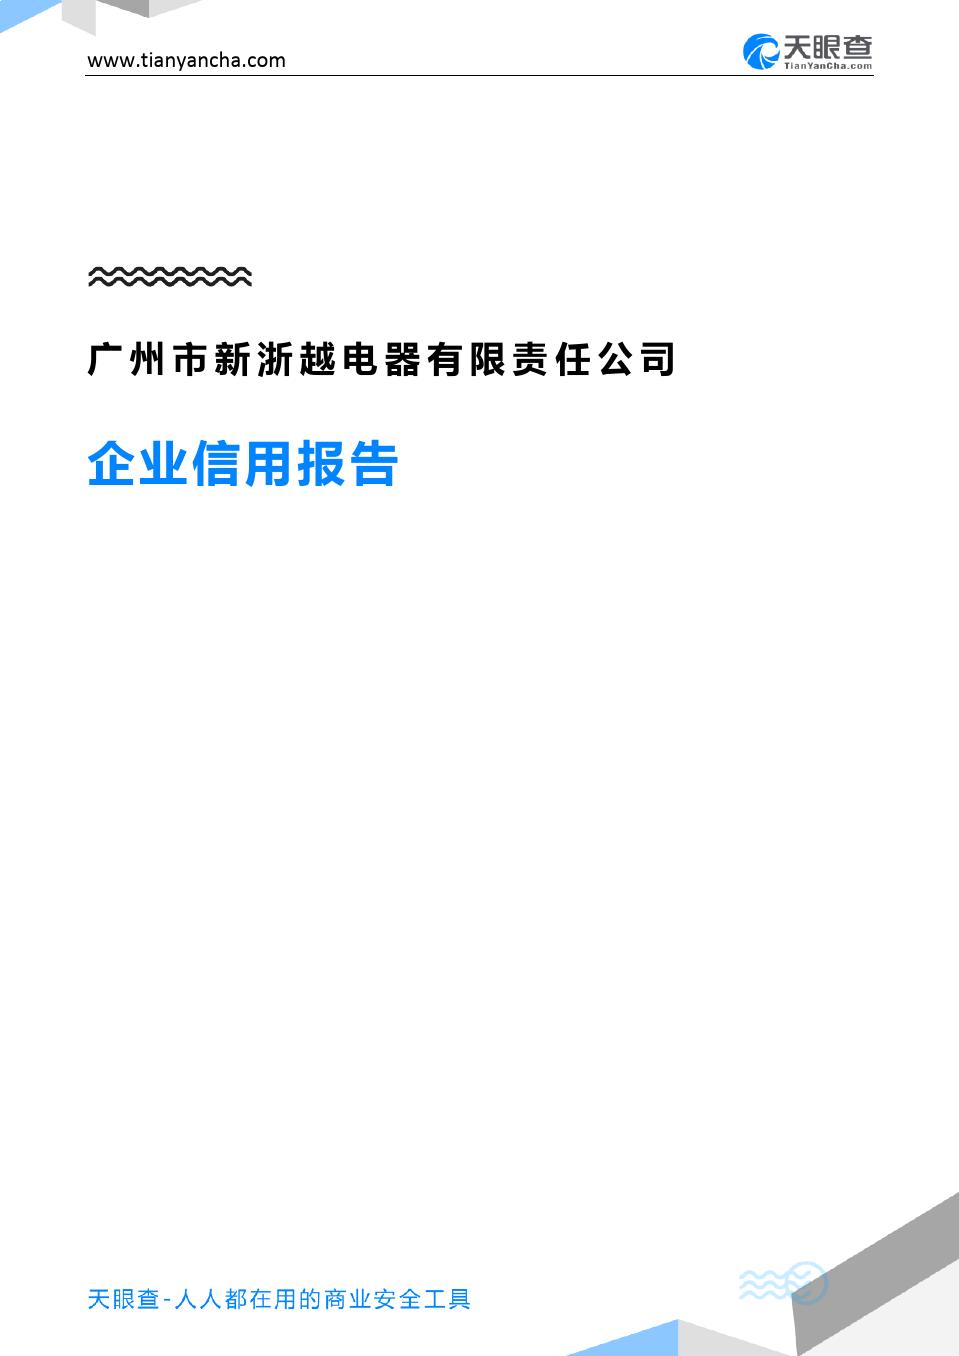 广州市新浙越电器有限责任公司(企业信用报告)- 天眼查